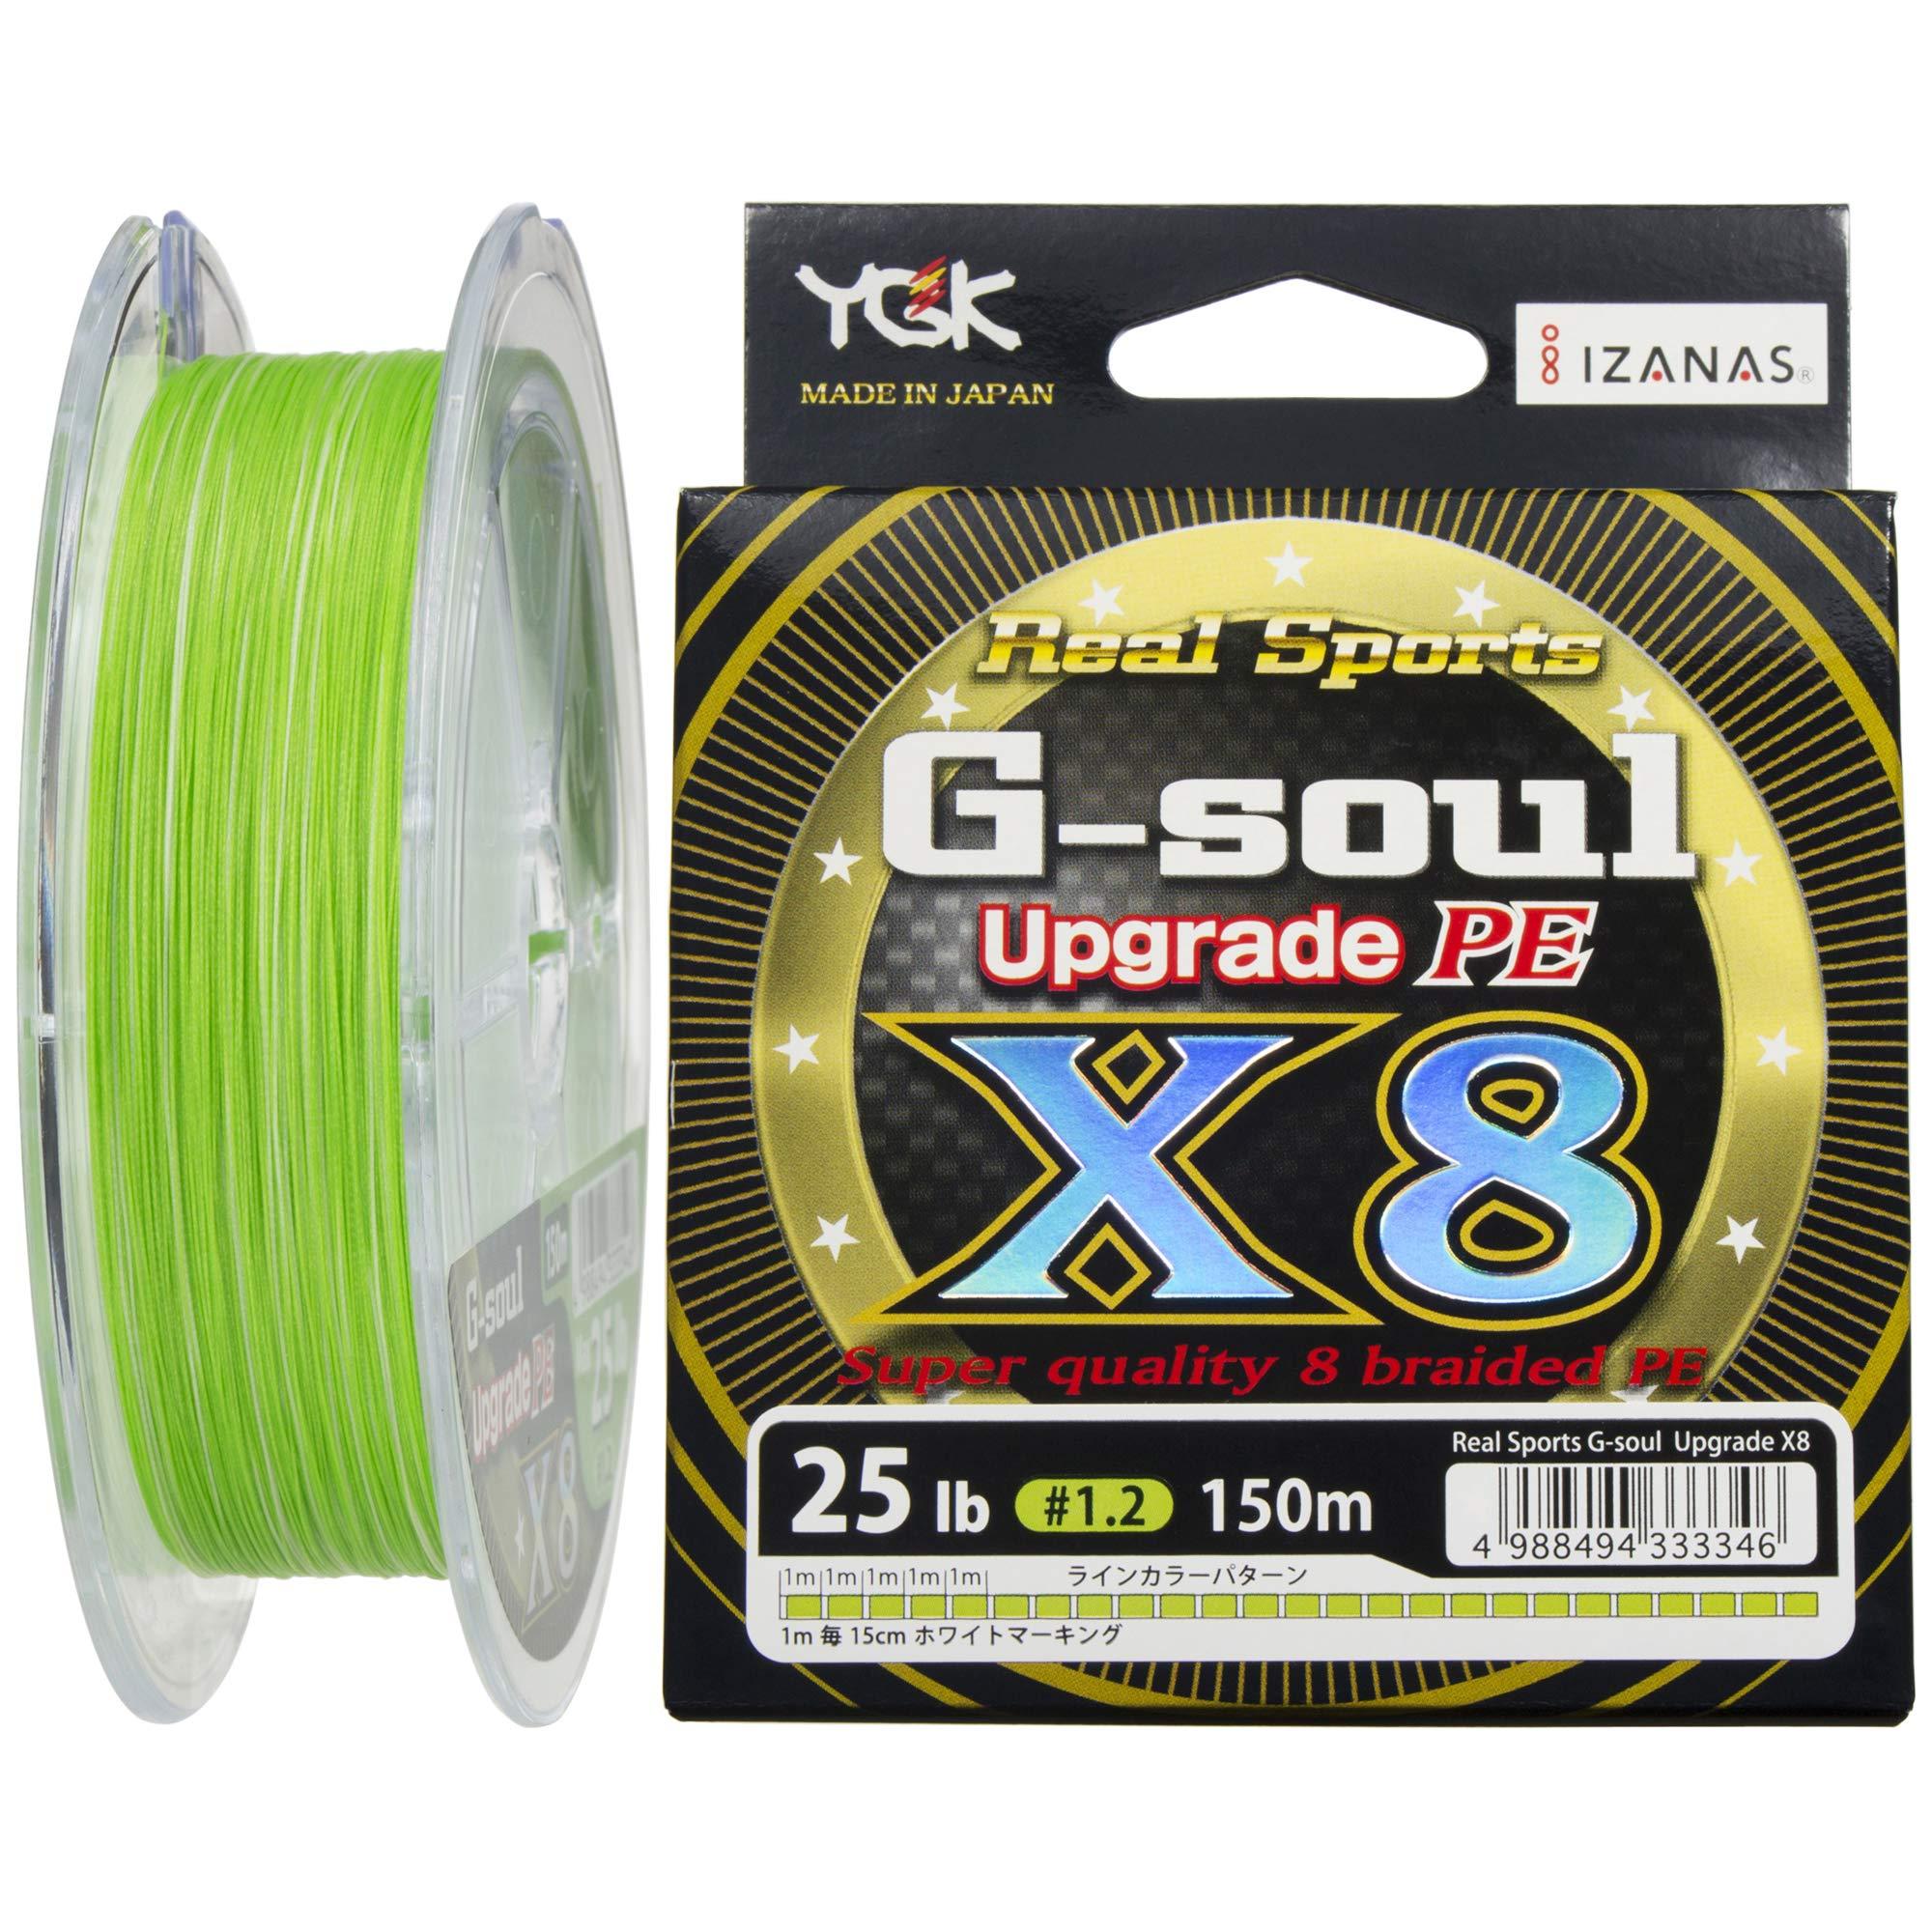 よつあみ(YGK) ライン G-soul X8 UPGRADE 150m product image